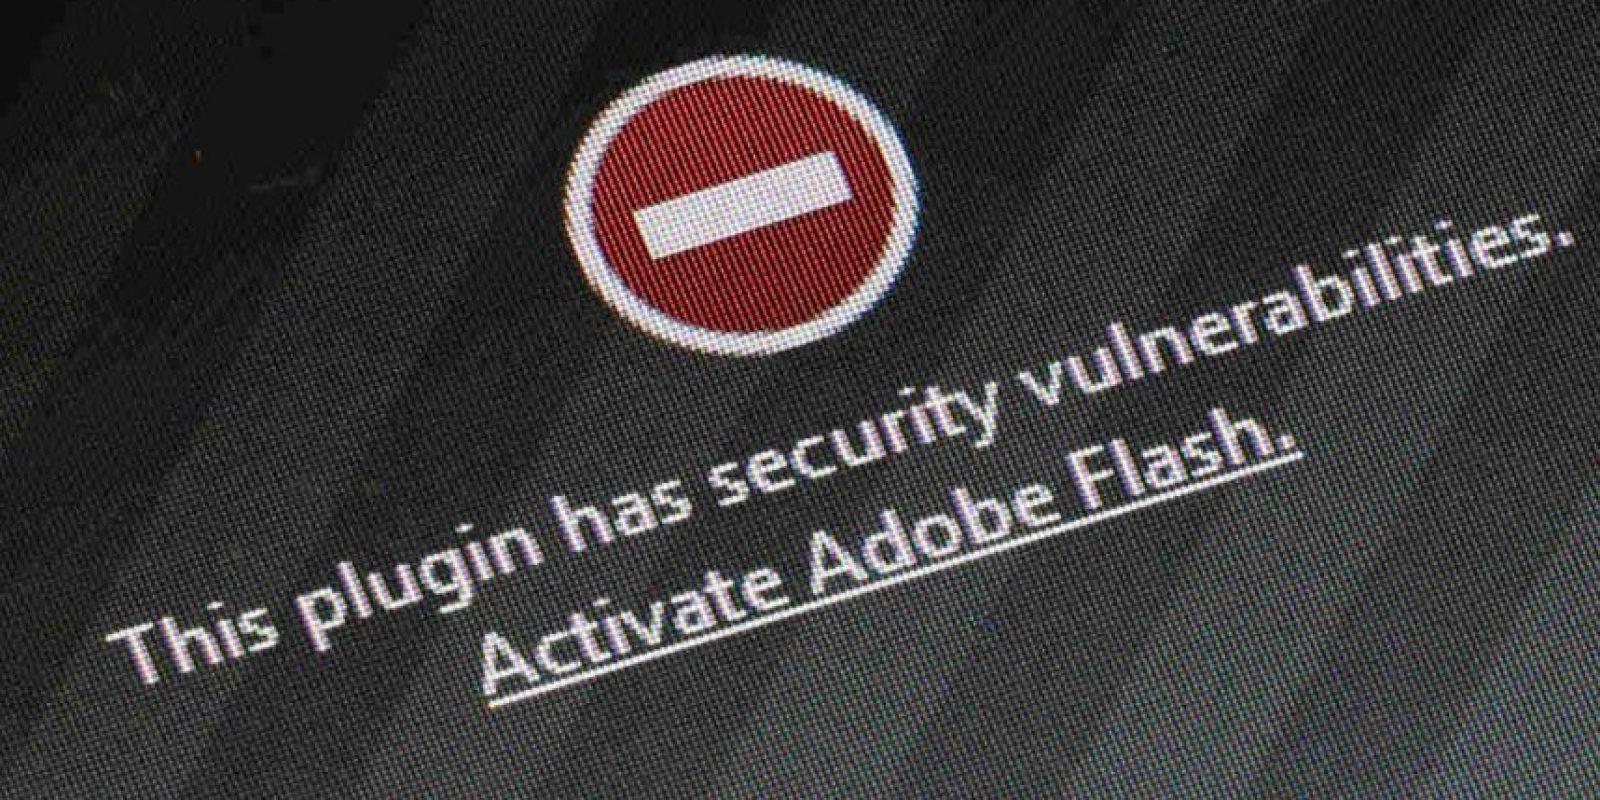 Las cuentas hackeadas fueron Gmail, Hotmail y Yahoo! Foto:Getty Images